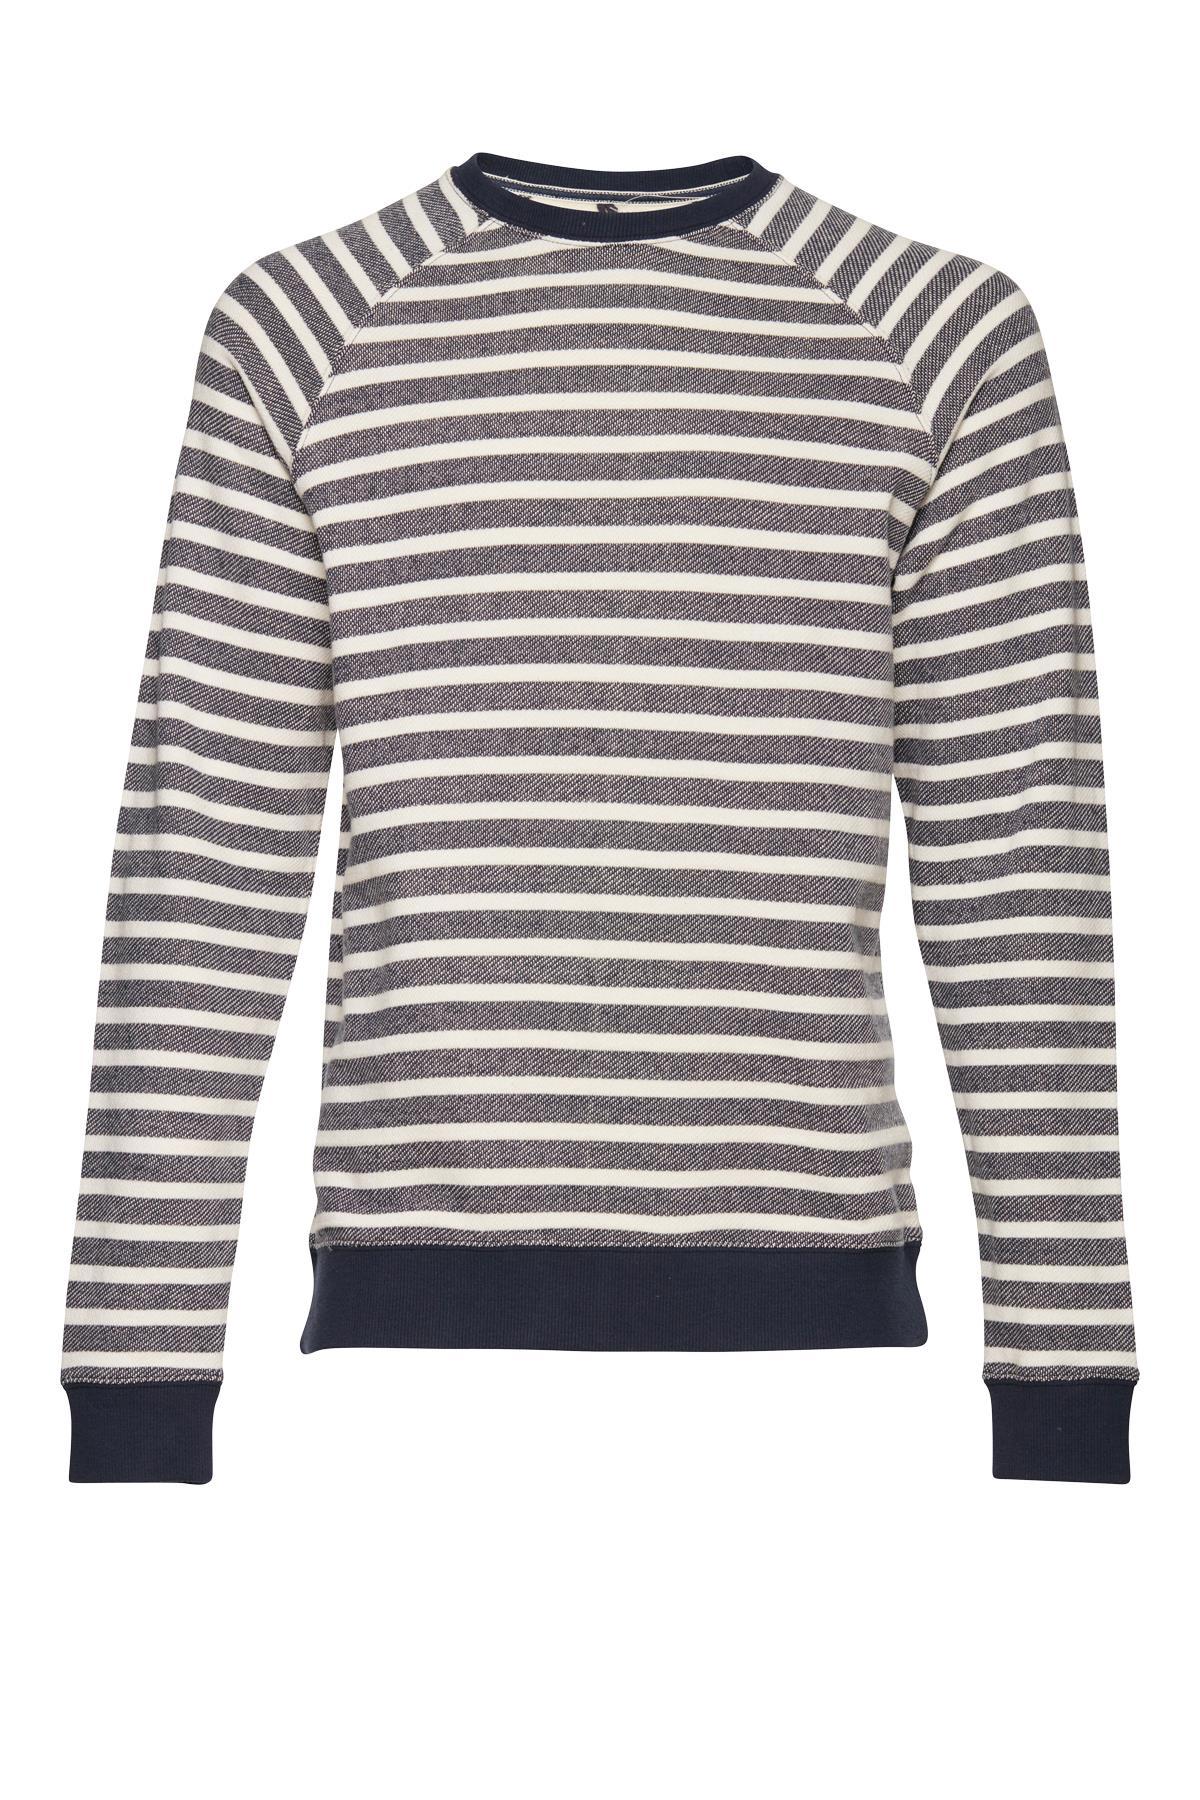 Marineblå/hvid Sweatshirt – Køb Marineblå/hvid Sweatshirt fra str. S-XL her